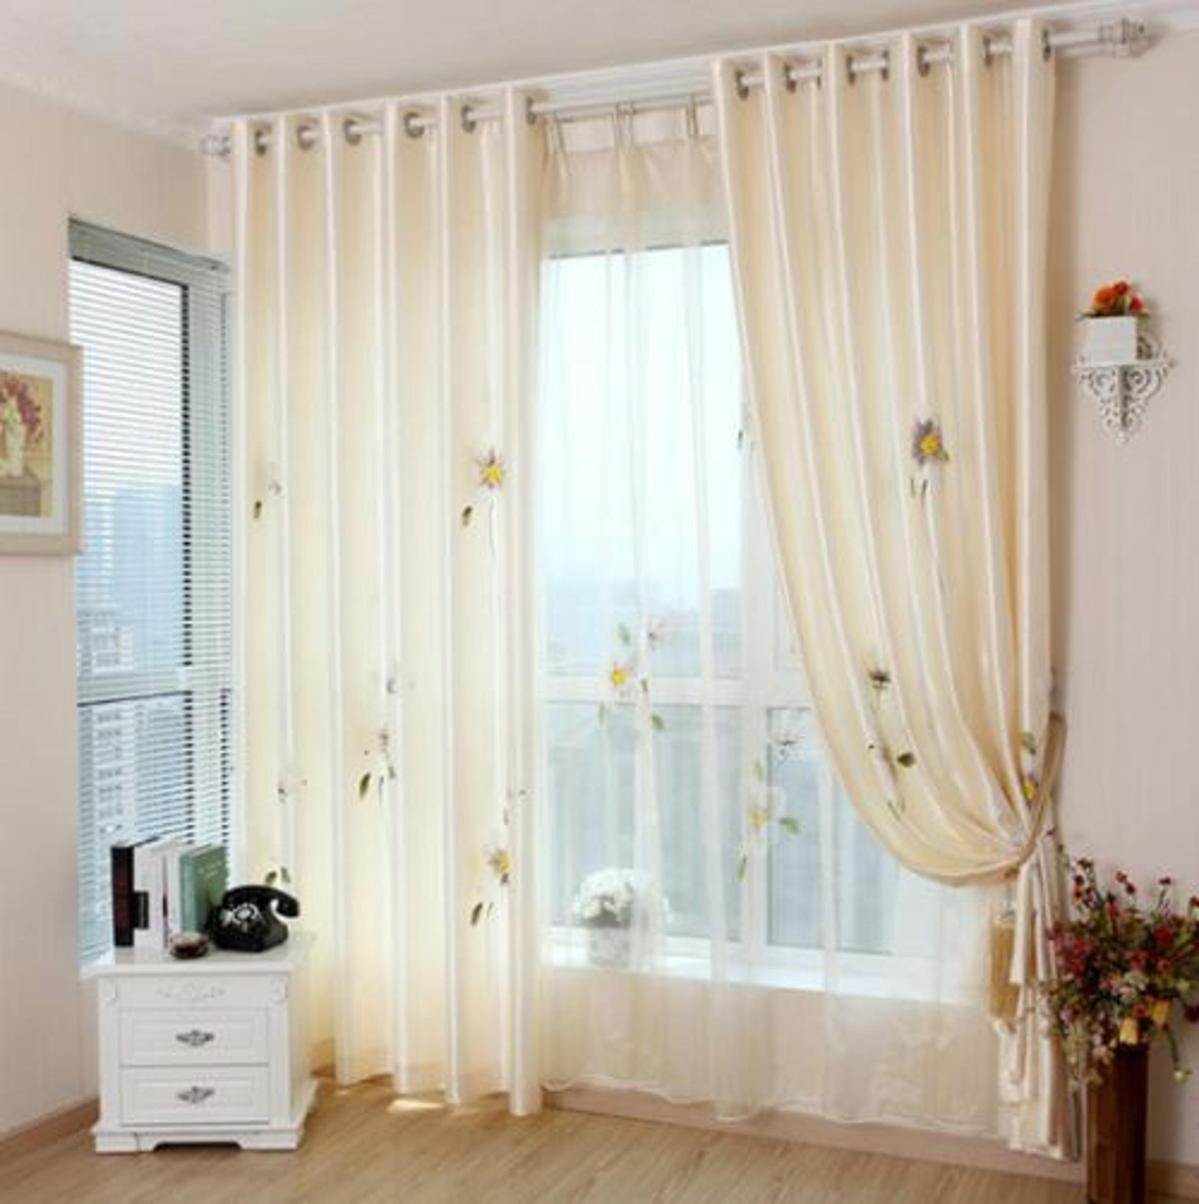 5 mẫu rèm đẹp mắt cho phòng ngủ